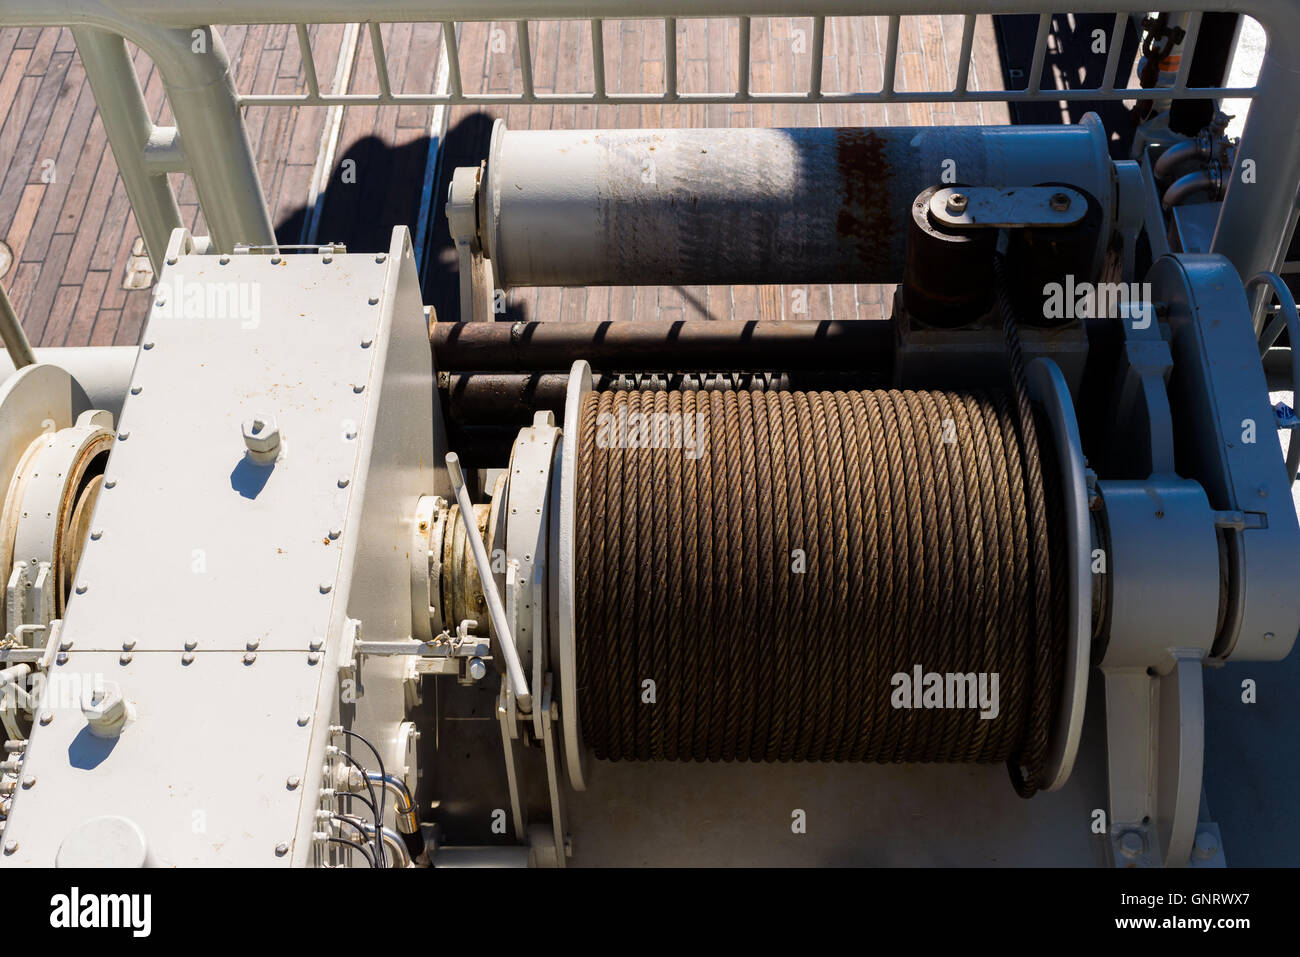 Carrete grande con alambre de acero en un tirón el malacate en un barco. Imagen De Stock